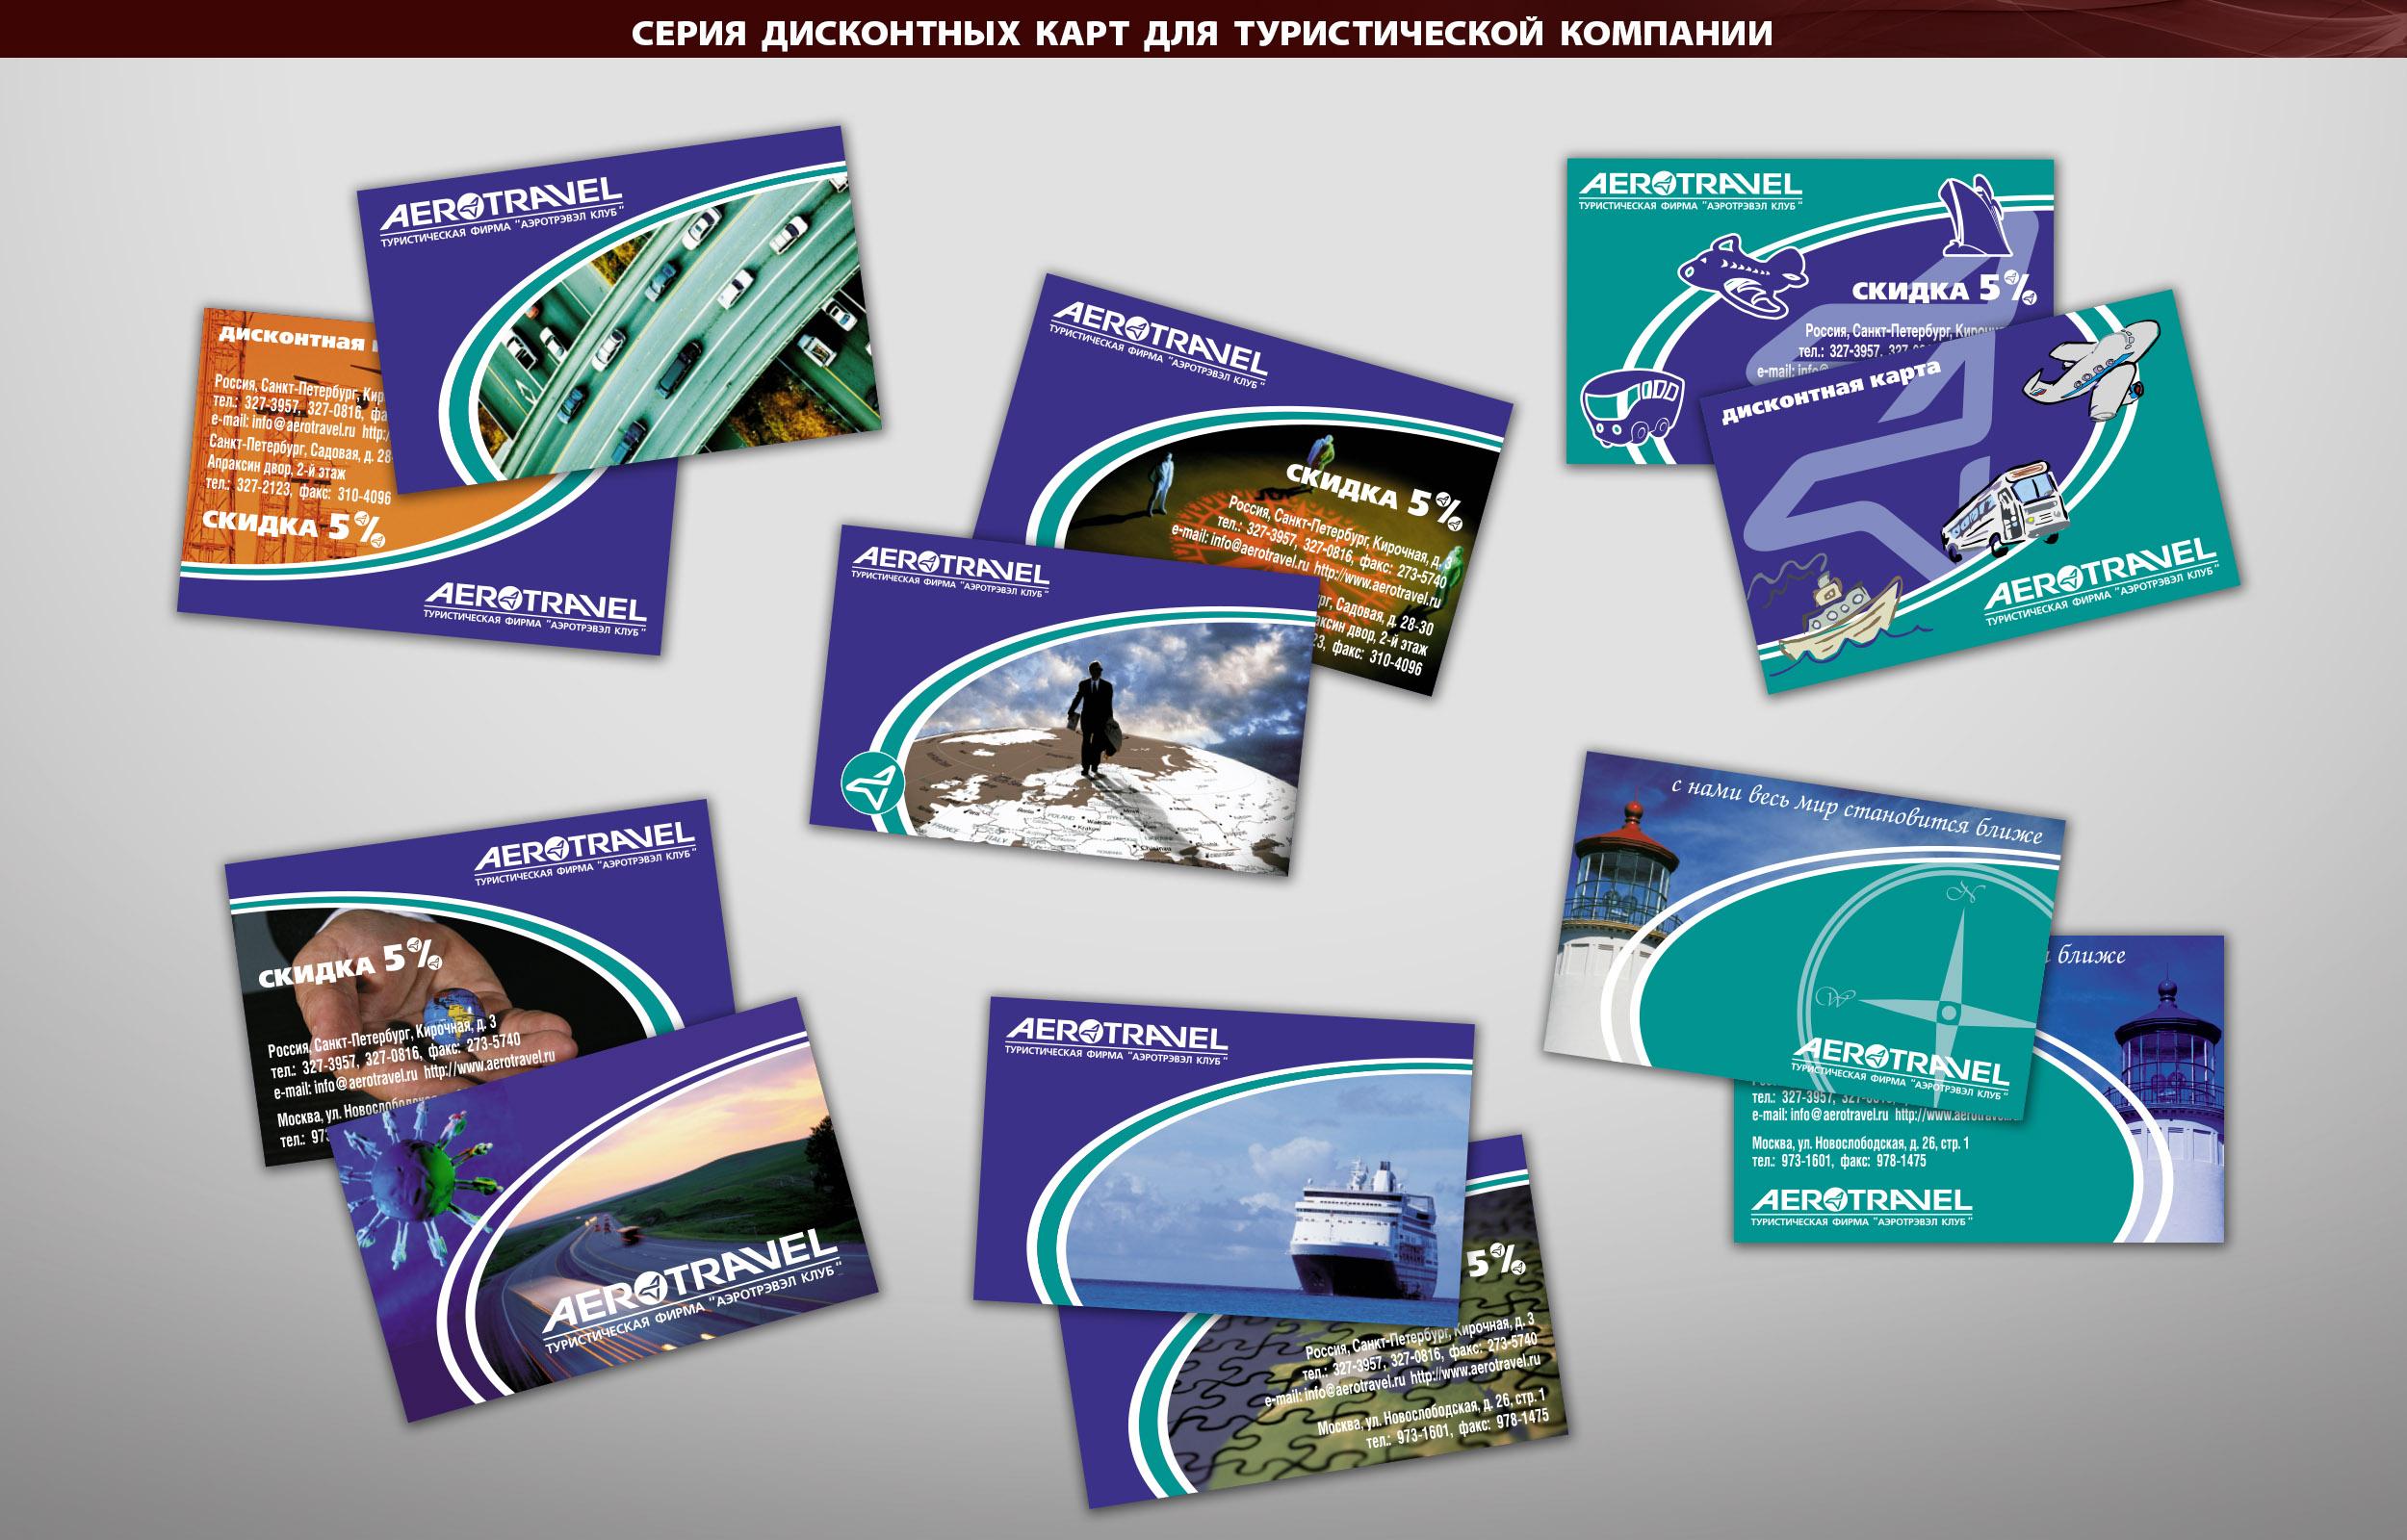 Серия дисконтных карт для туристической компании